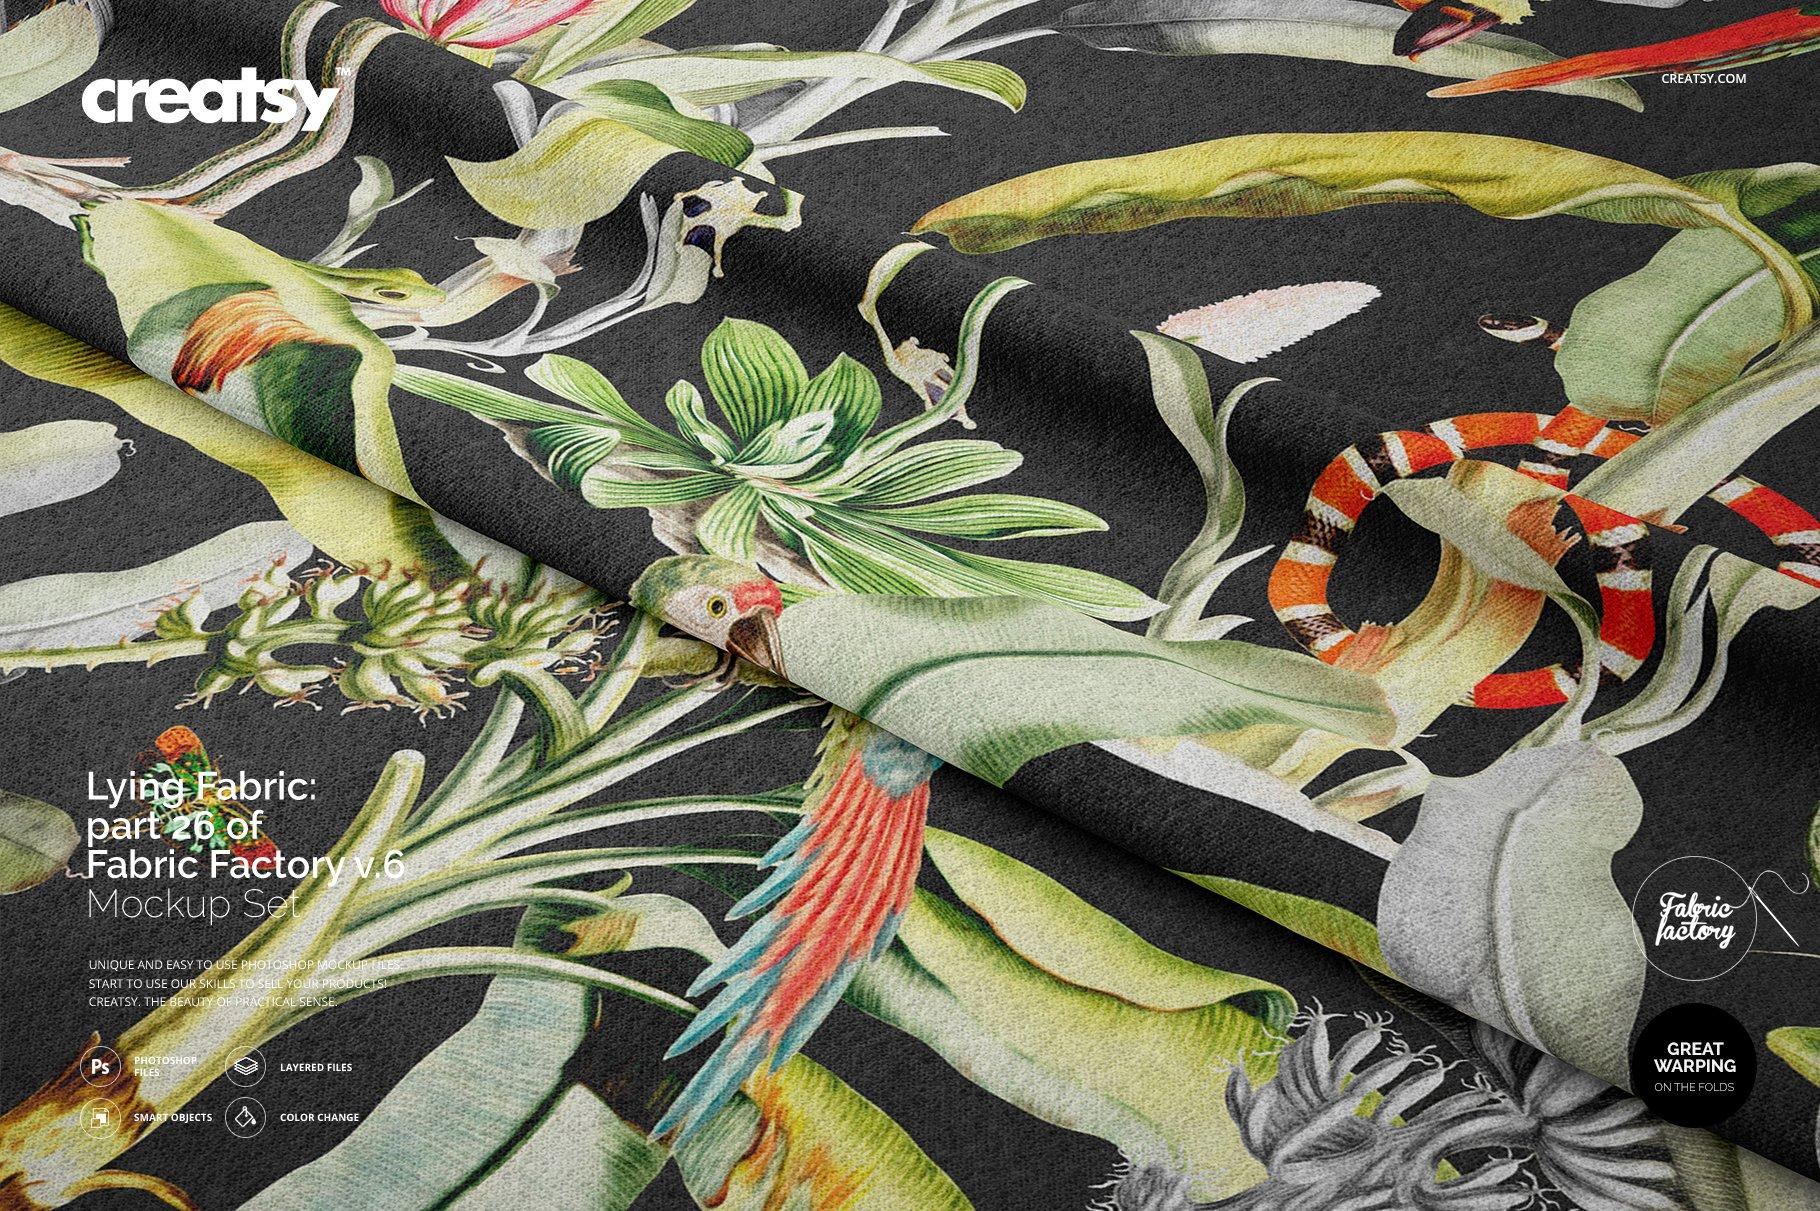 褶皱纺织面料印花图案设计展示样机模板 Lying Fabric Mockup 26/FF v.6插图